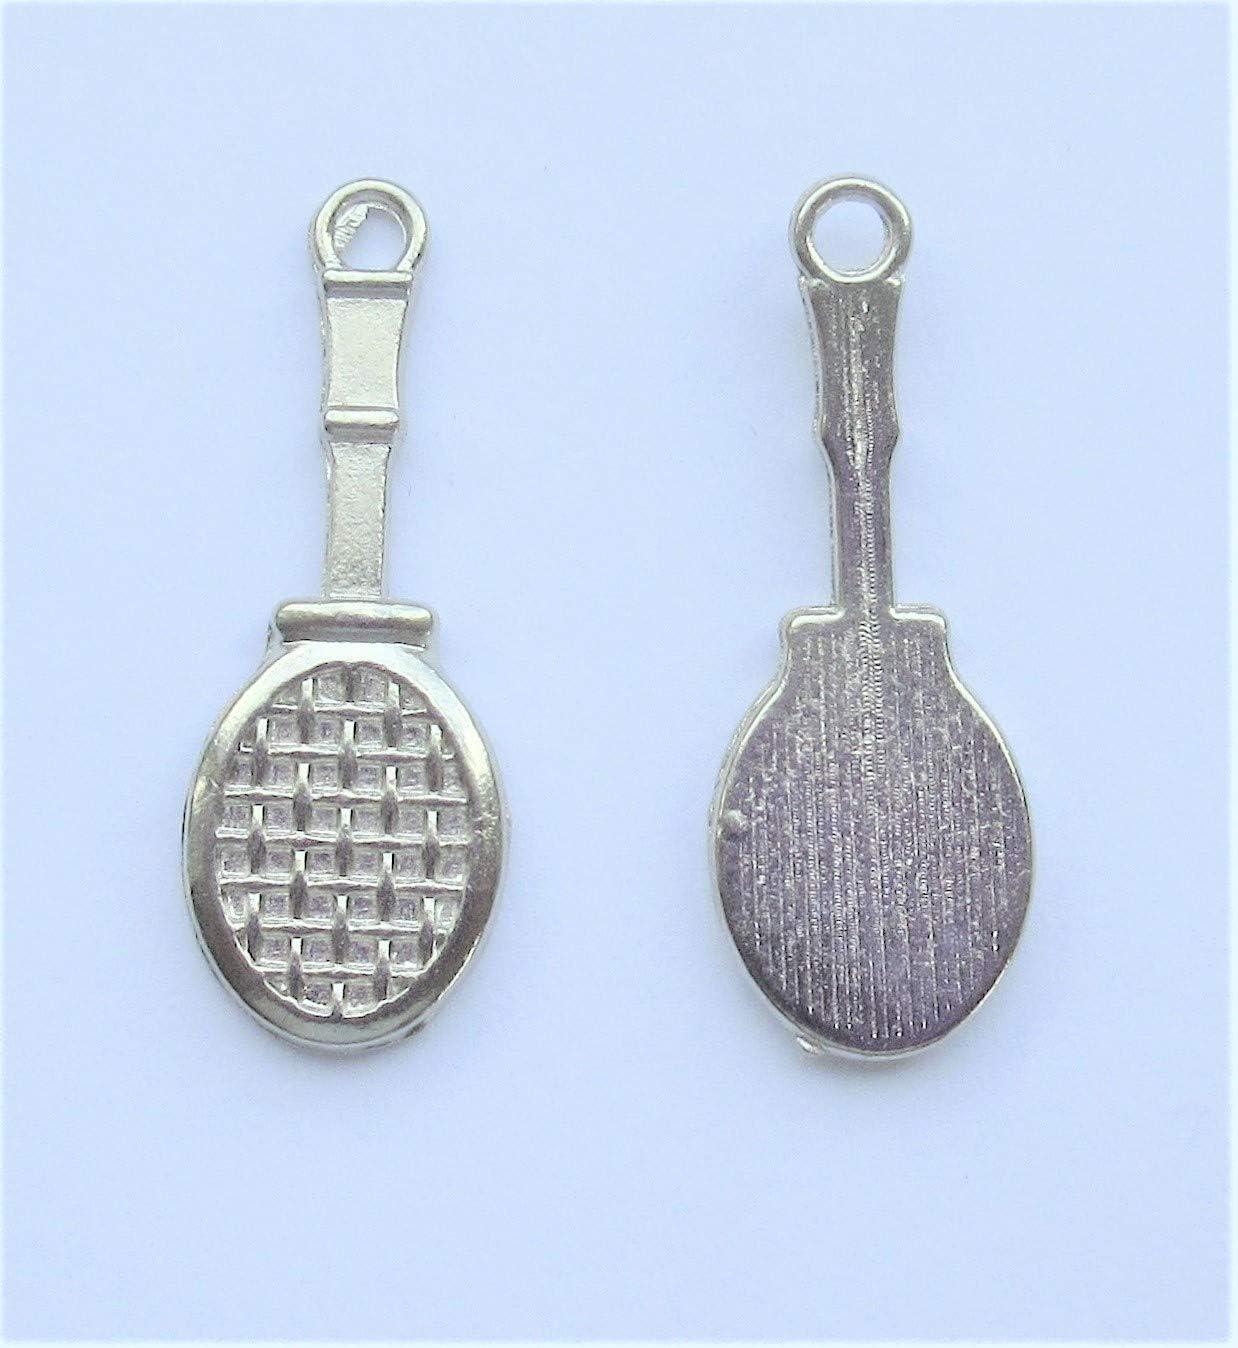 10 x Tibetan Silver TENNIS RACKET WIMBLEDON 29mm Charms Pendants Beads